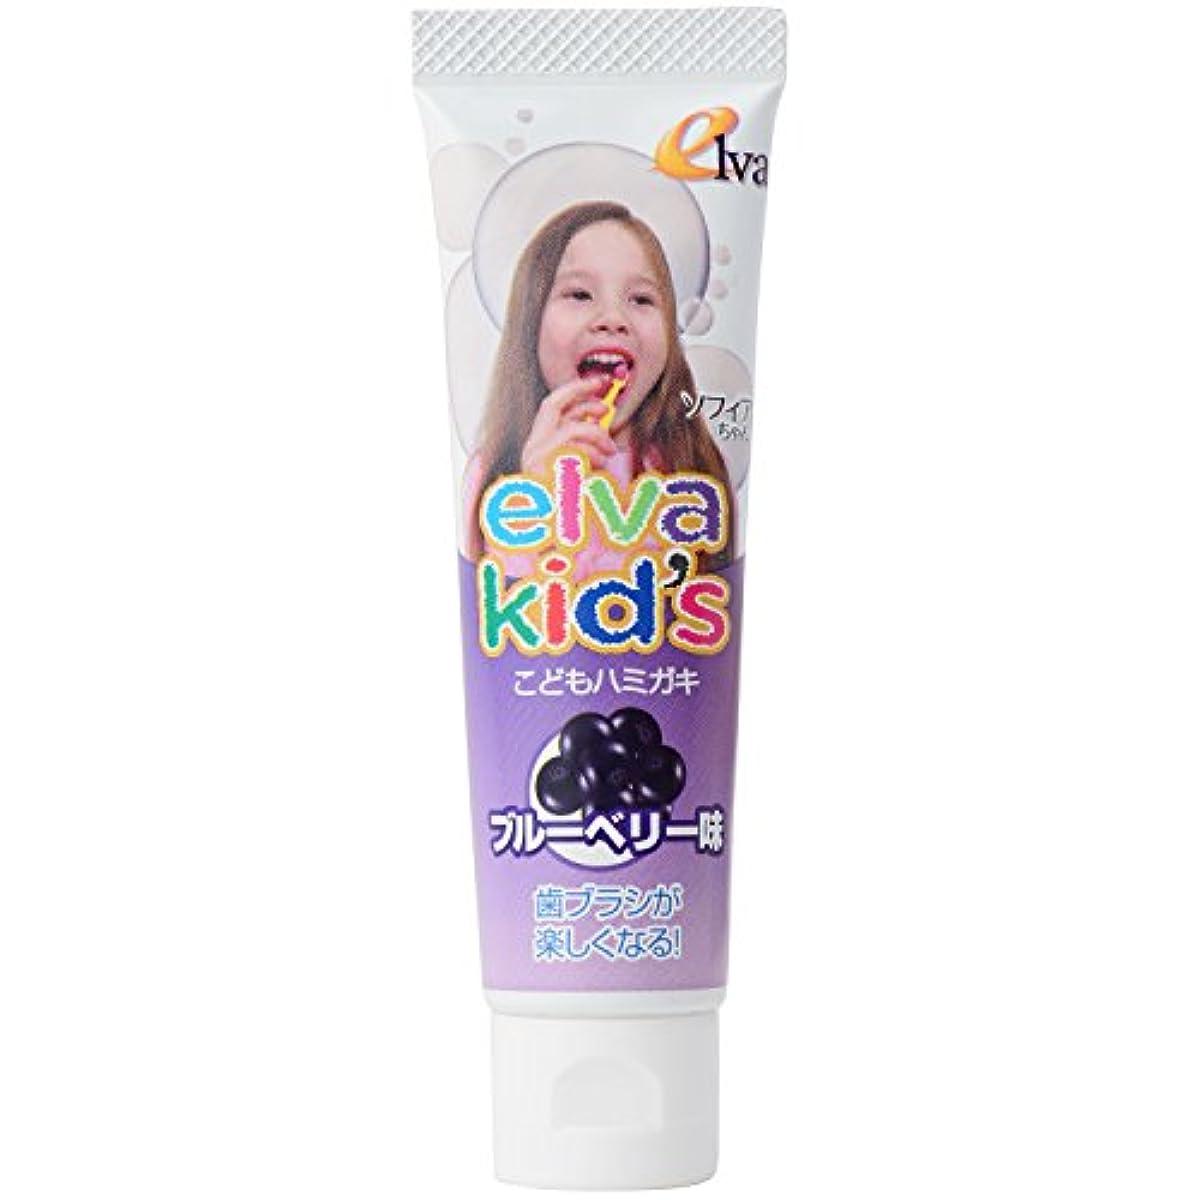 出身地すべき最終エルバキッズ お母さんも安心のこだわりの歯磨き粉 フッ素なし ブルーベリー味 2個セット